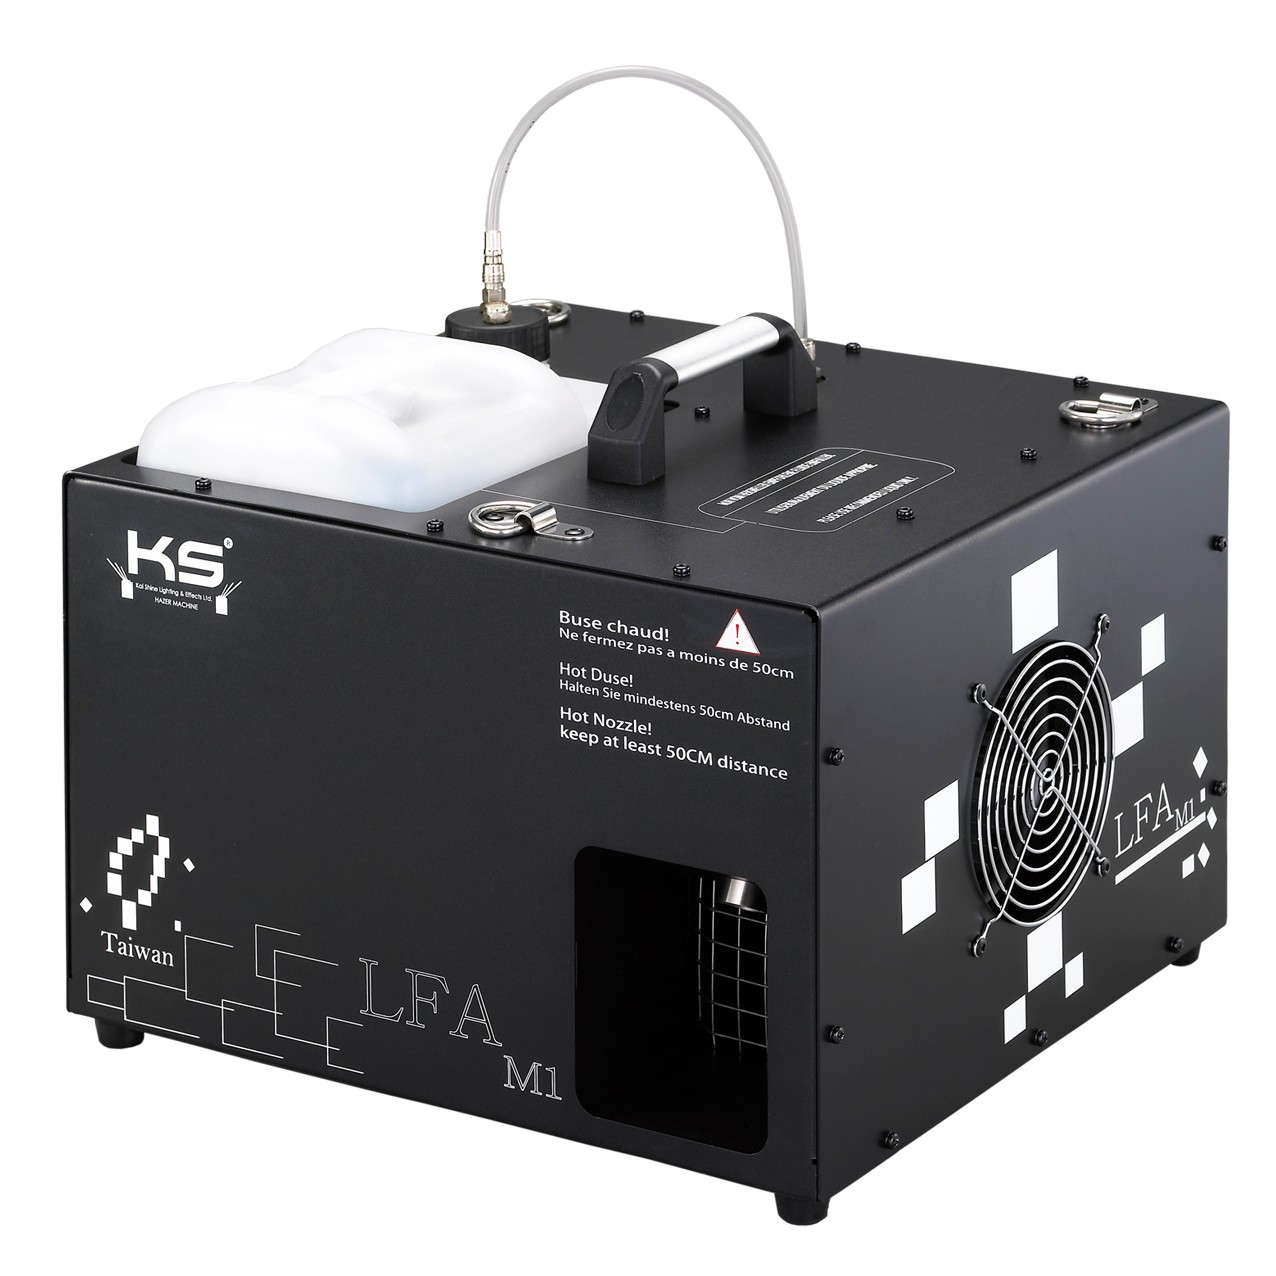 Fog & Haze LFA-M1